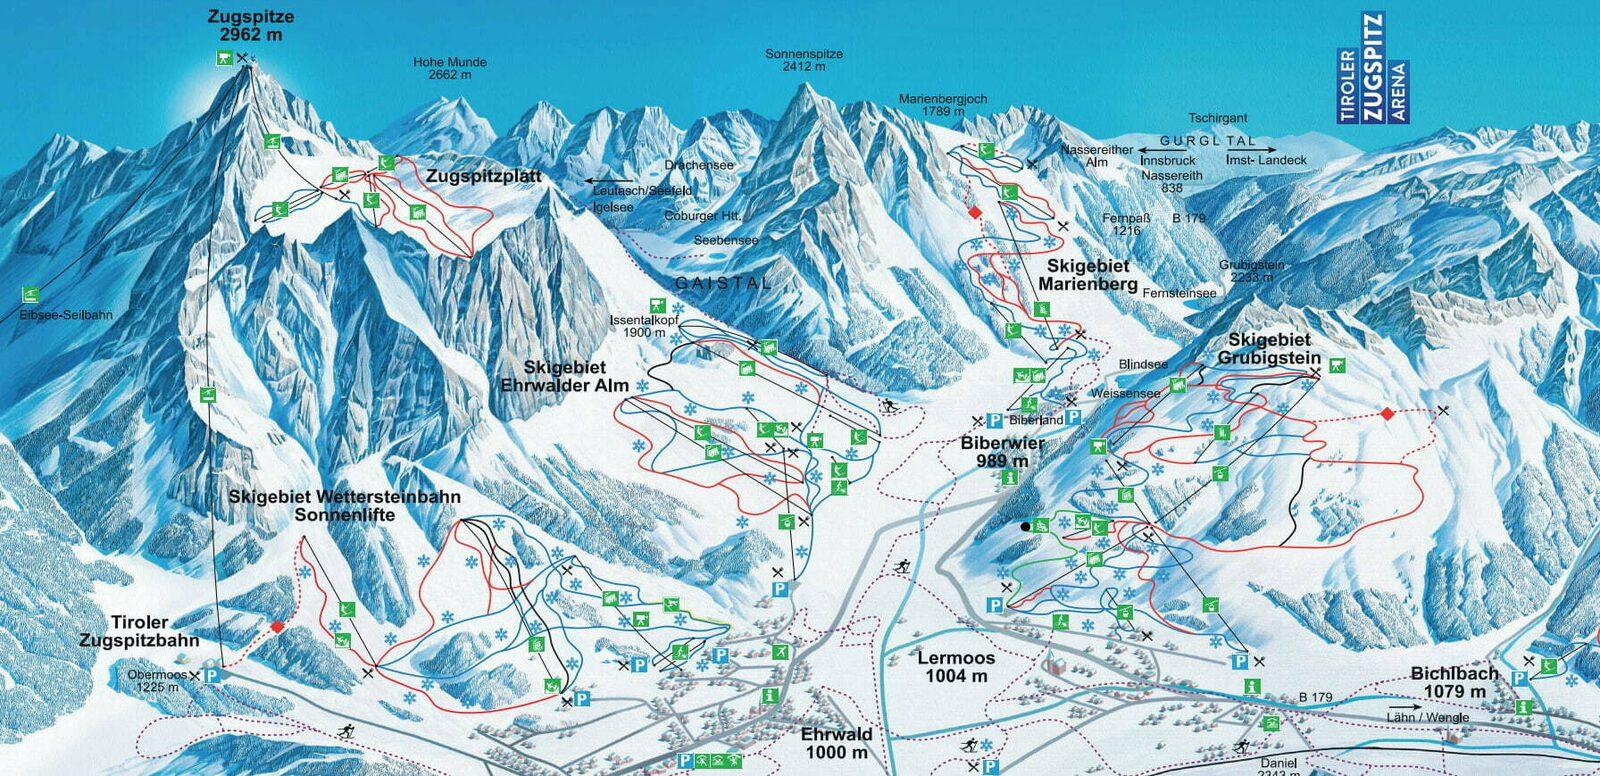 Pistenkarte Skigebiet Wetterstein